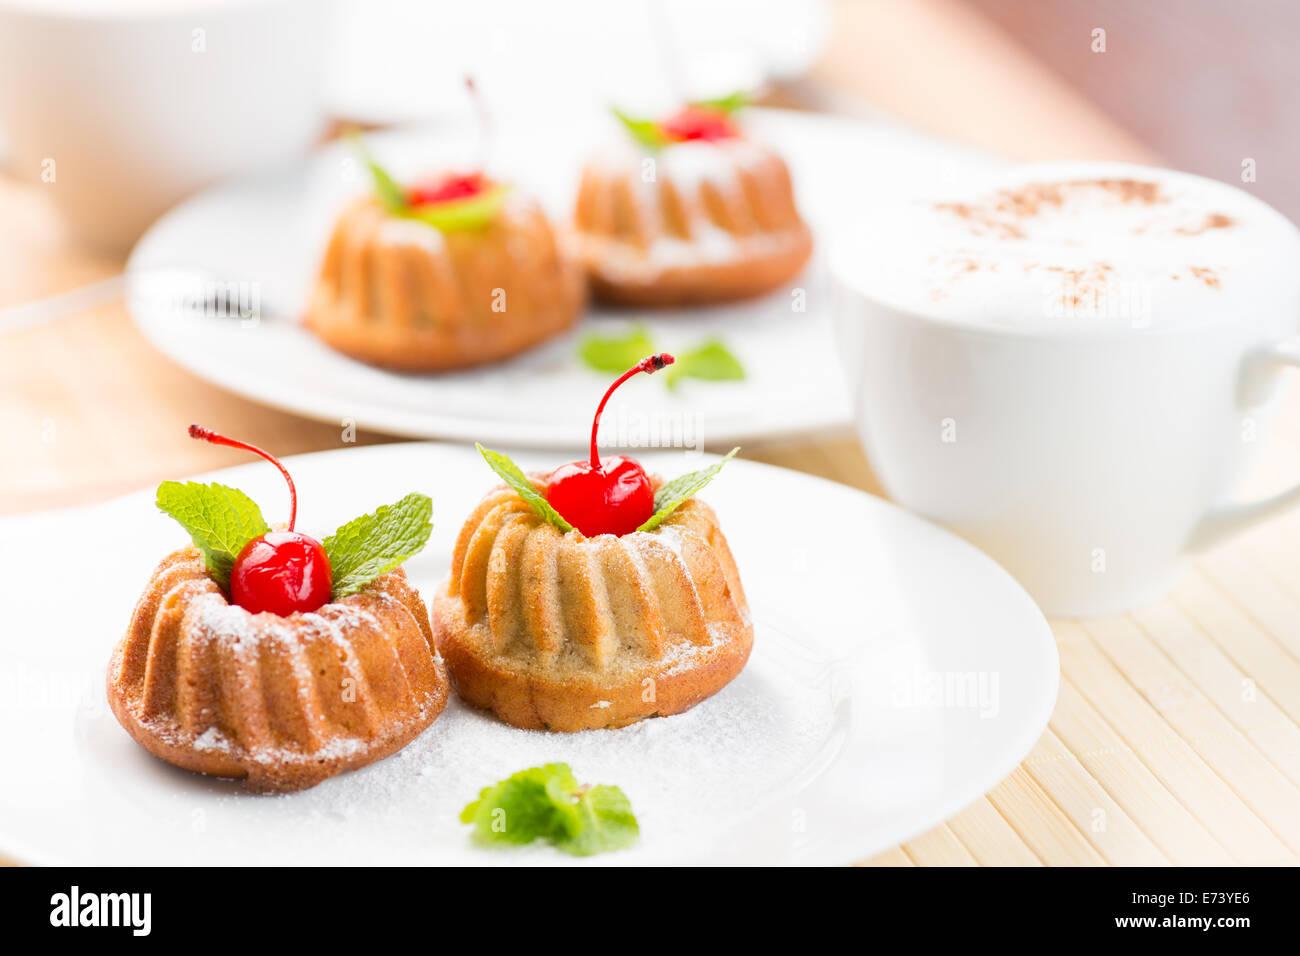 Torte dolci con cappuccino tazza da caffè Foto Stock